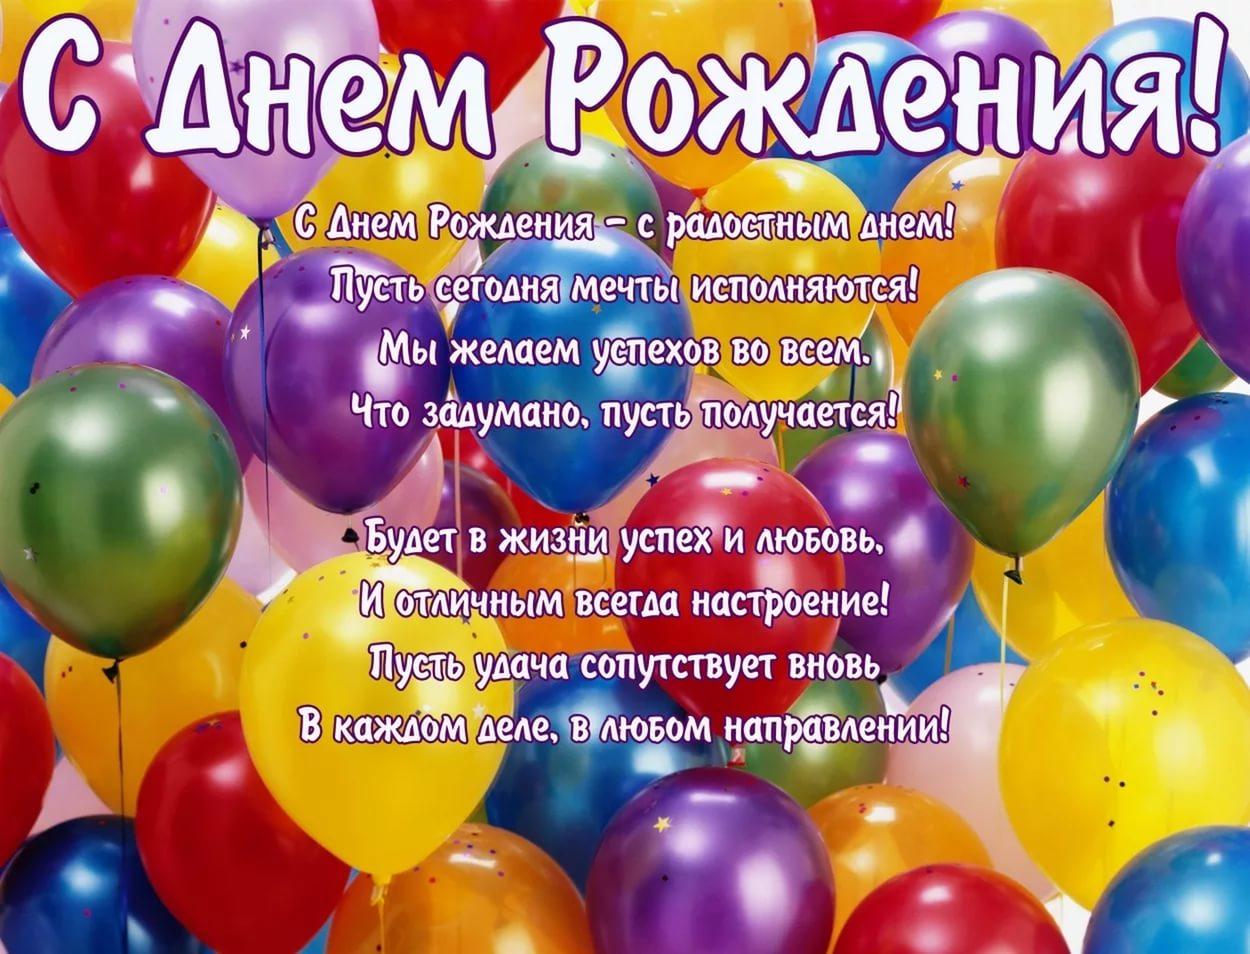 Поздравления с днем рождения для бывшей девушке в прозе